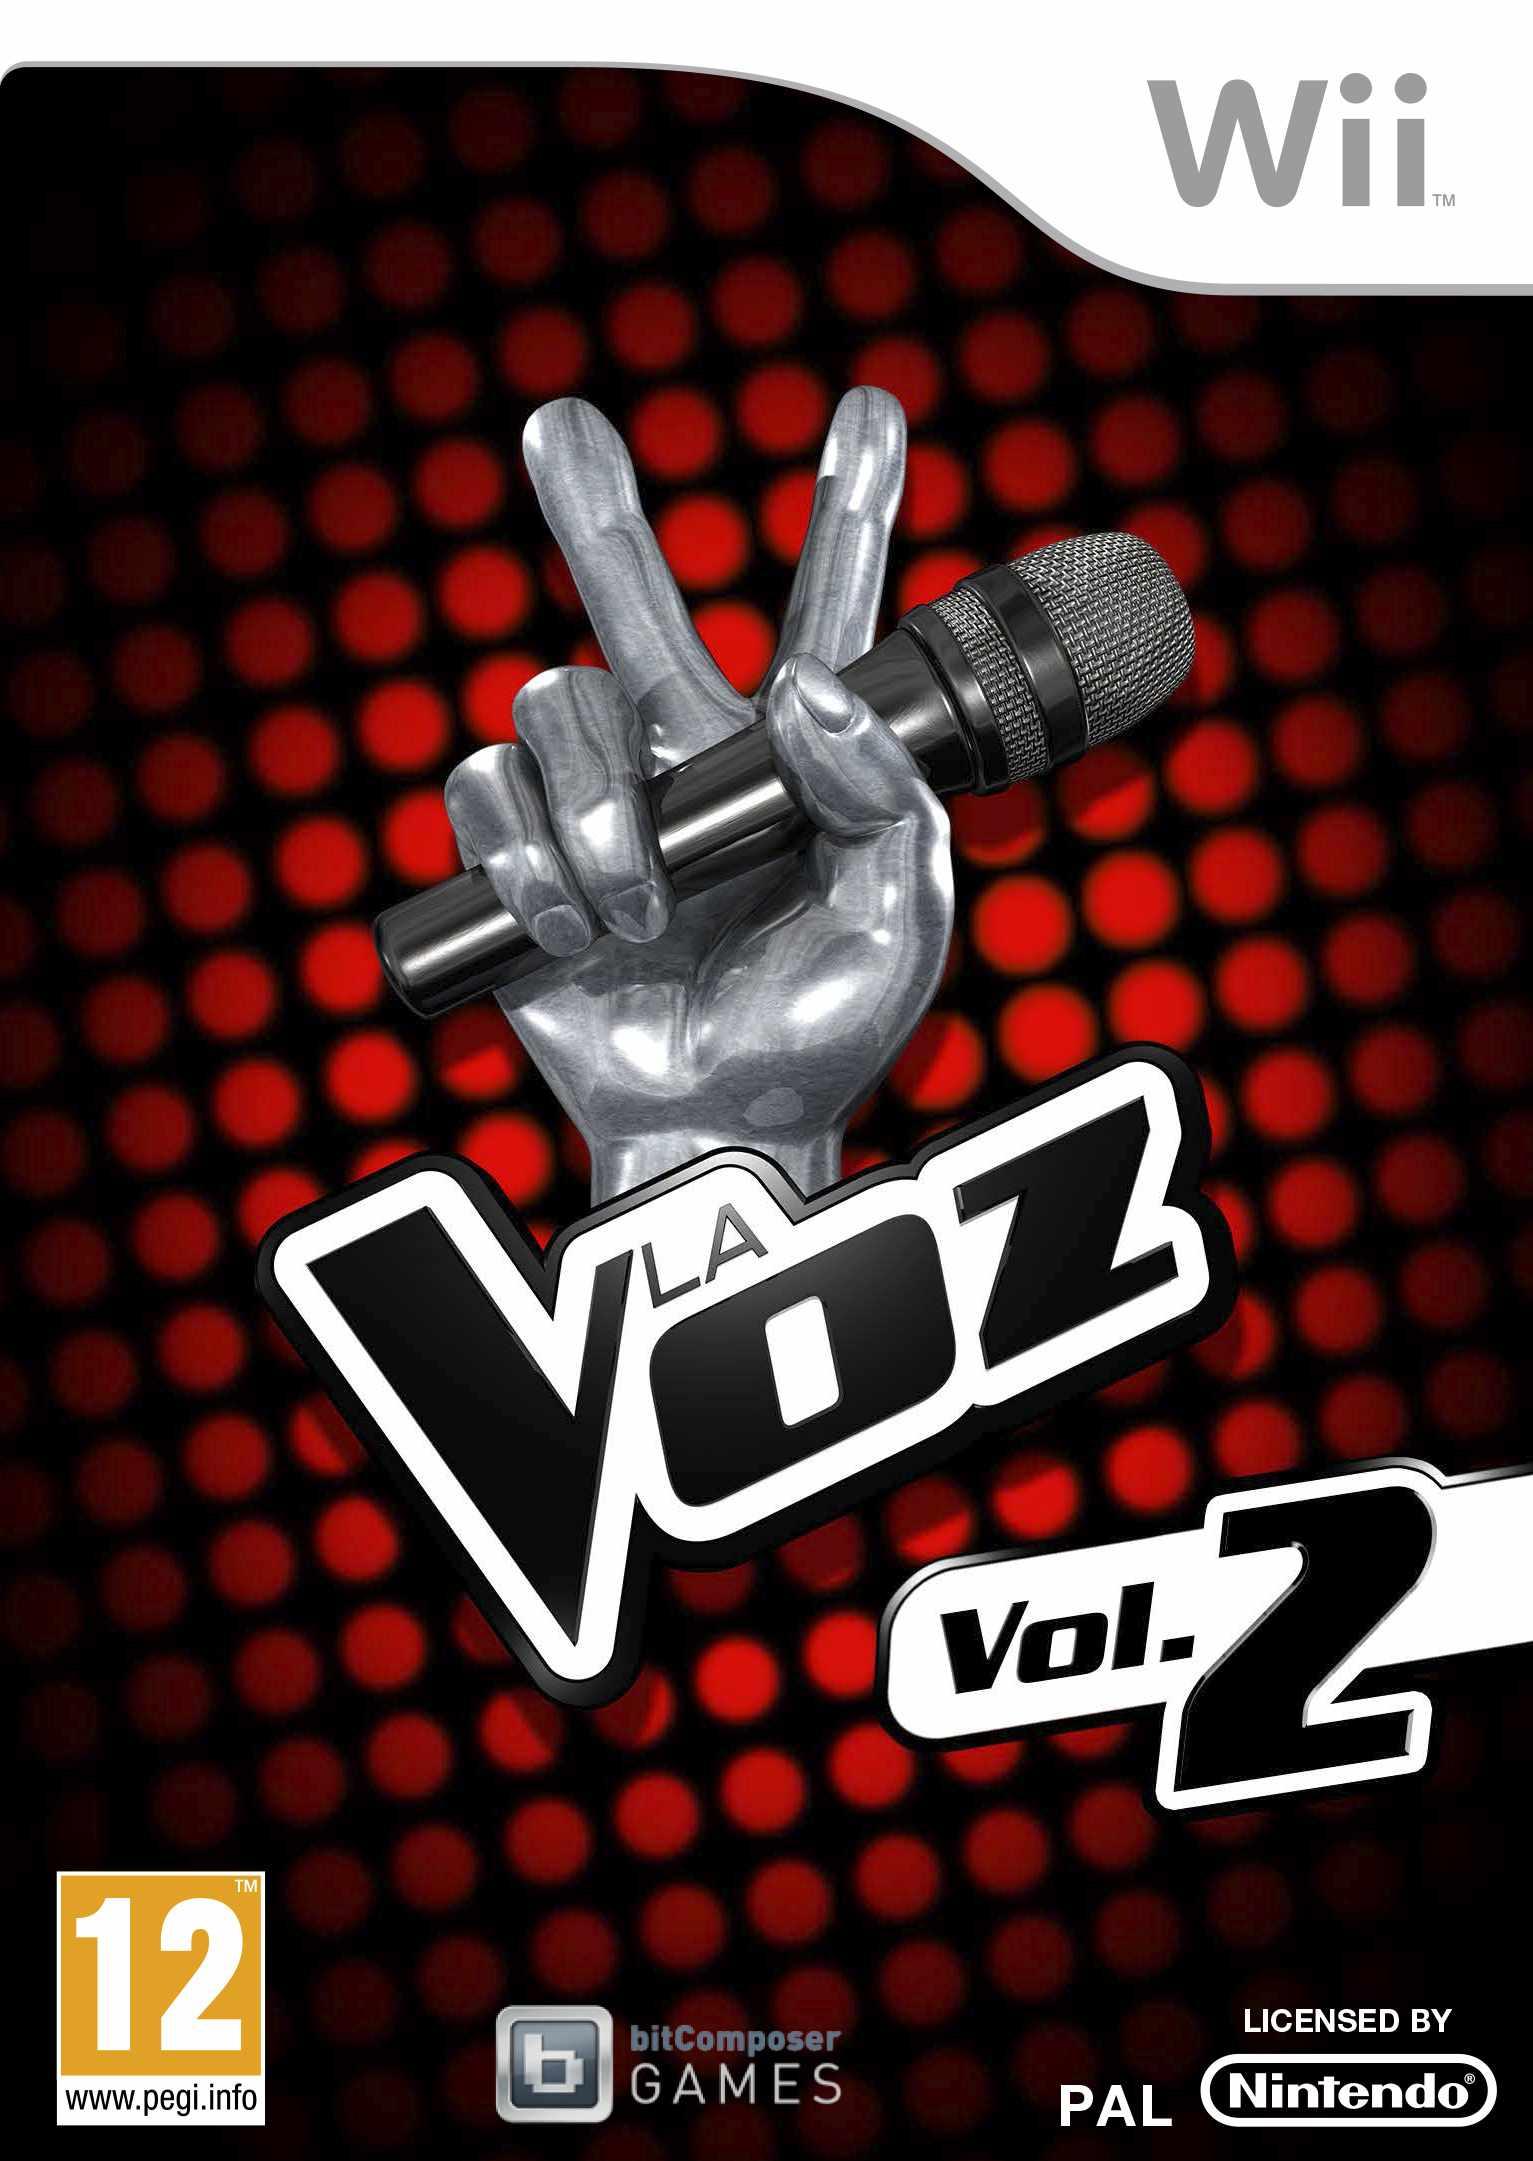 Juego Wii La voz Vol. 2...